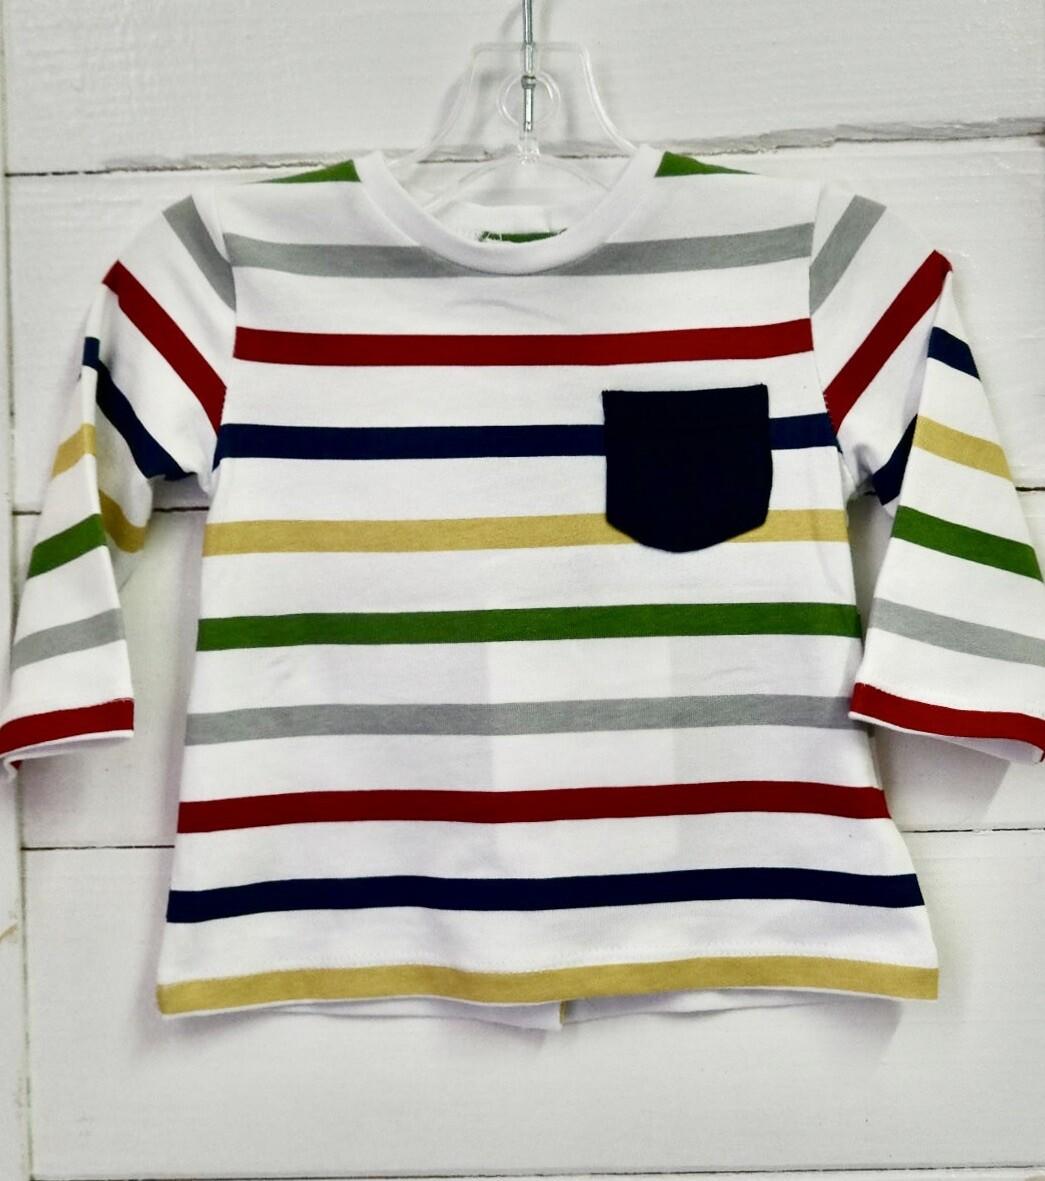 Cuore L/S tee - 6-9mo Stripe